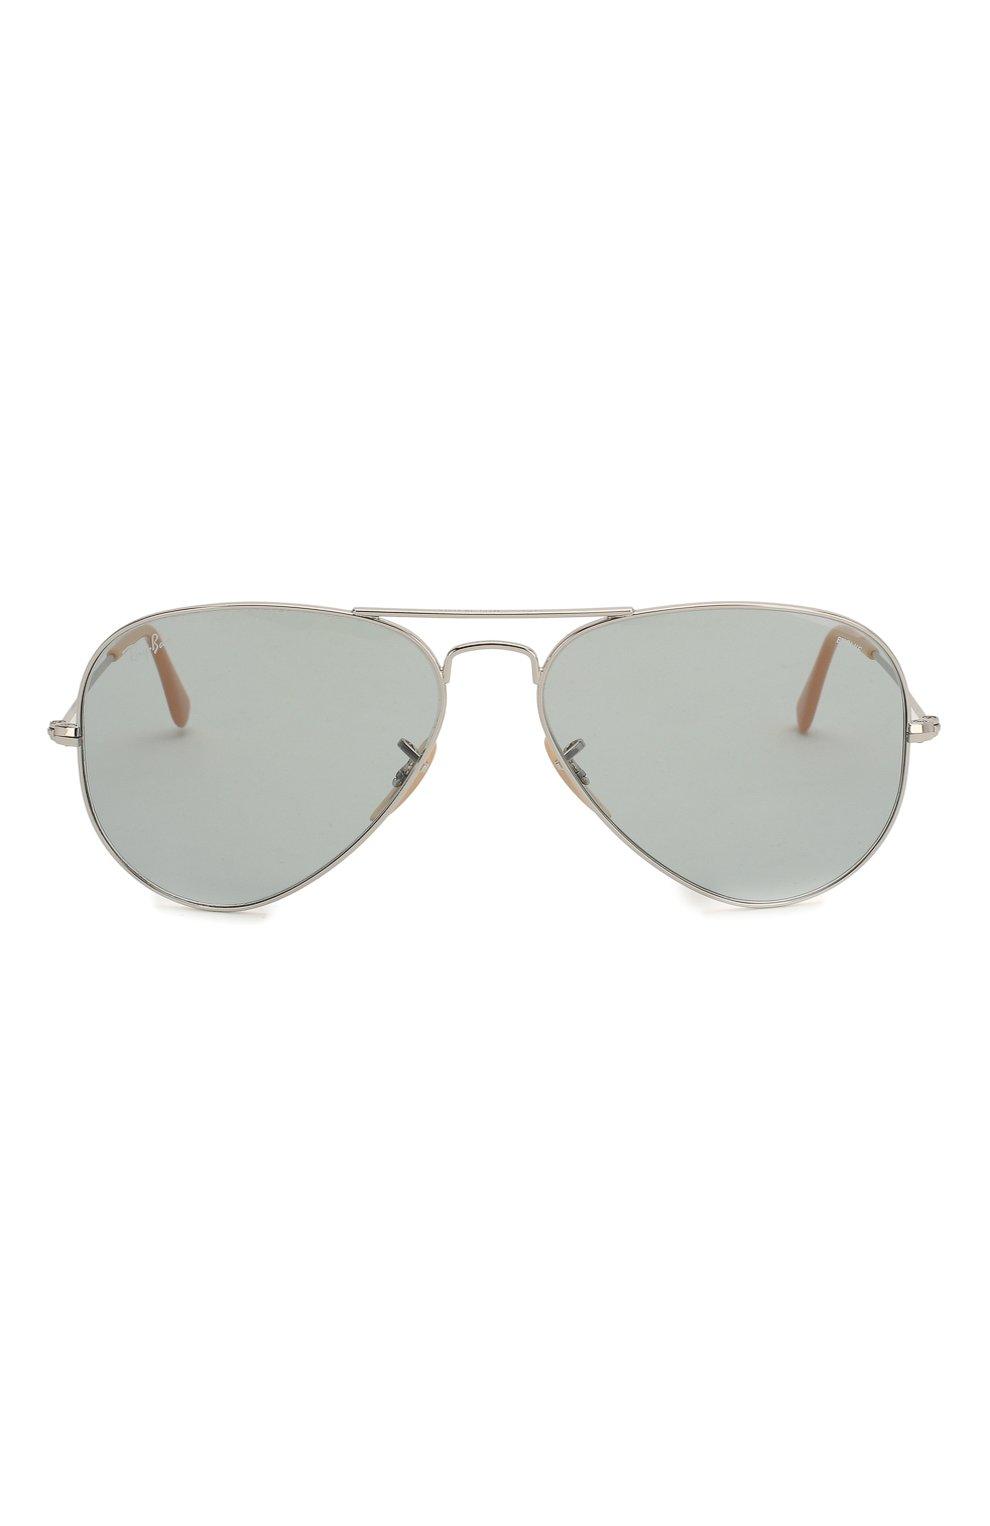 Женские солнцезащитные очки RAY-BAN светло-серого цвета, арт. 3025-9065I5 | Фото 4